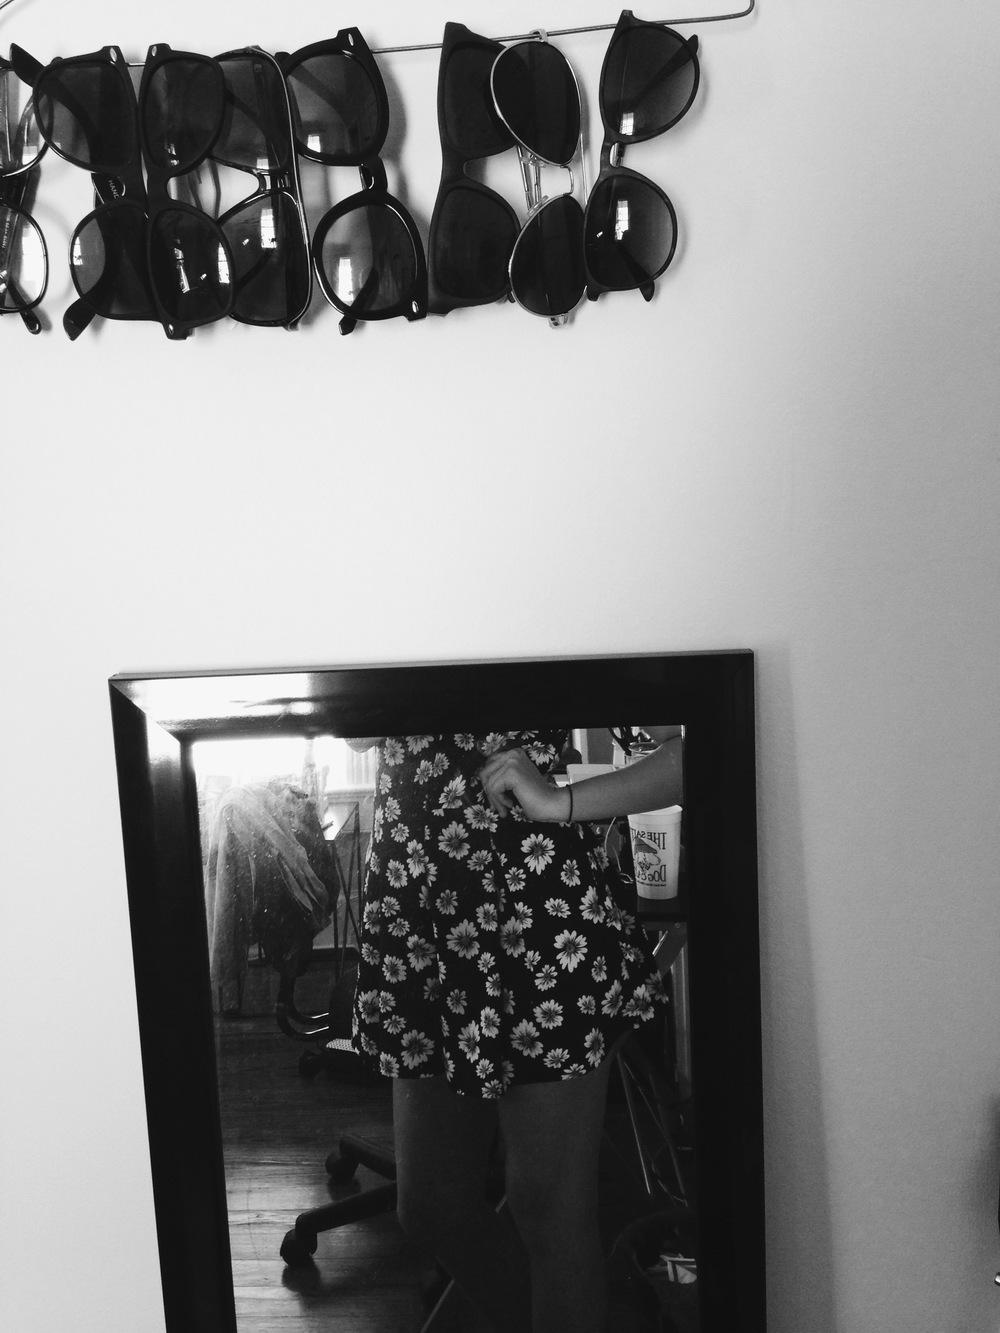 sunglasses & a daisy romper.